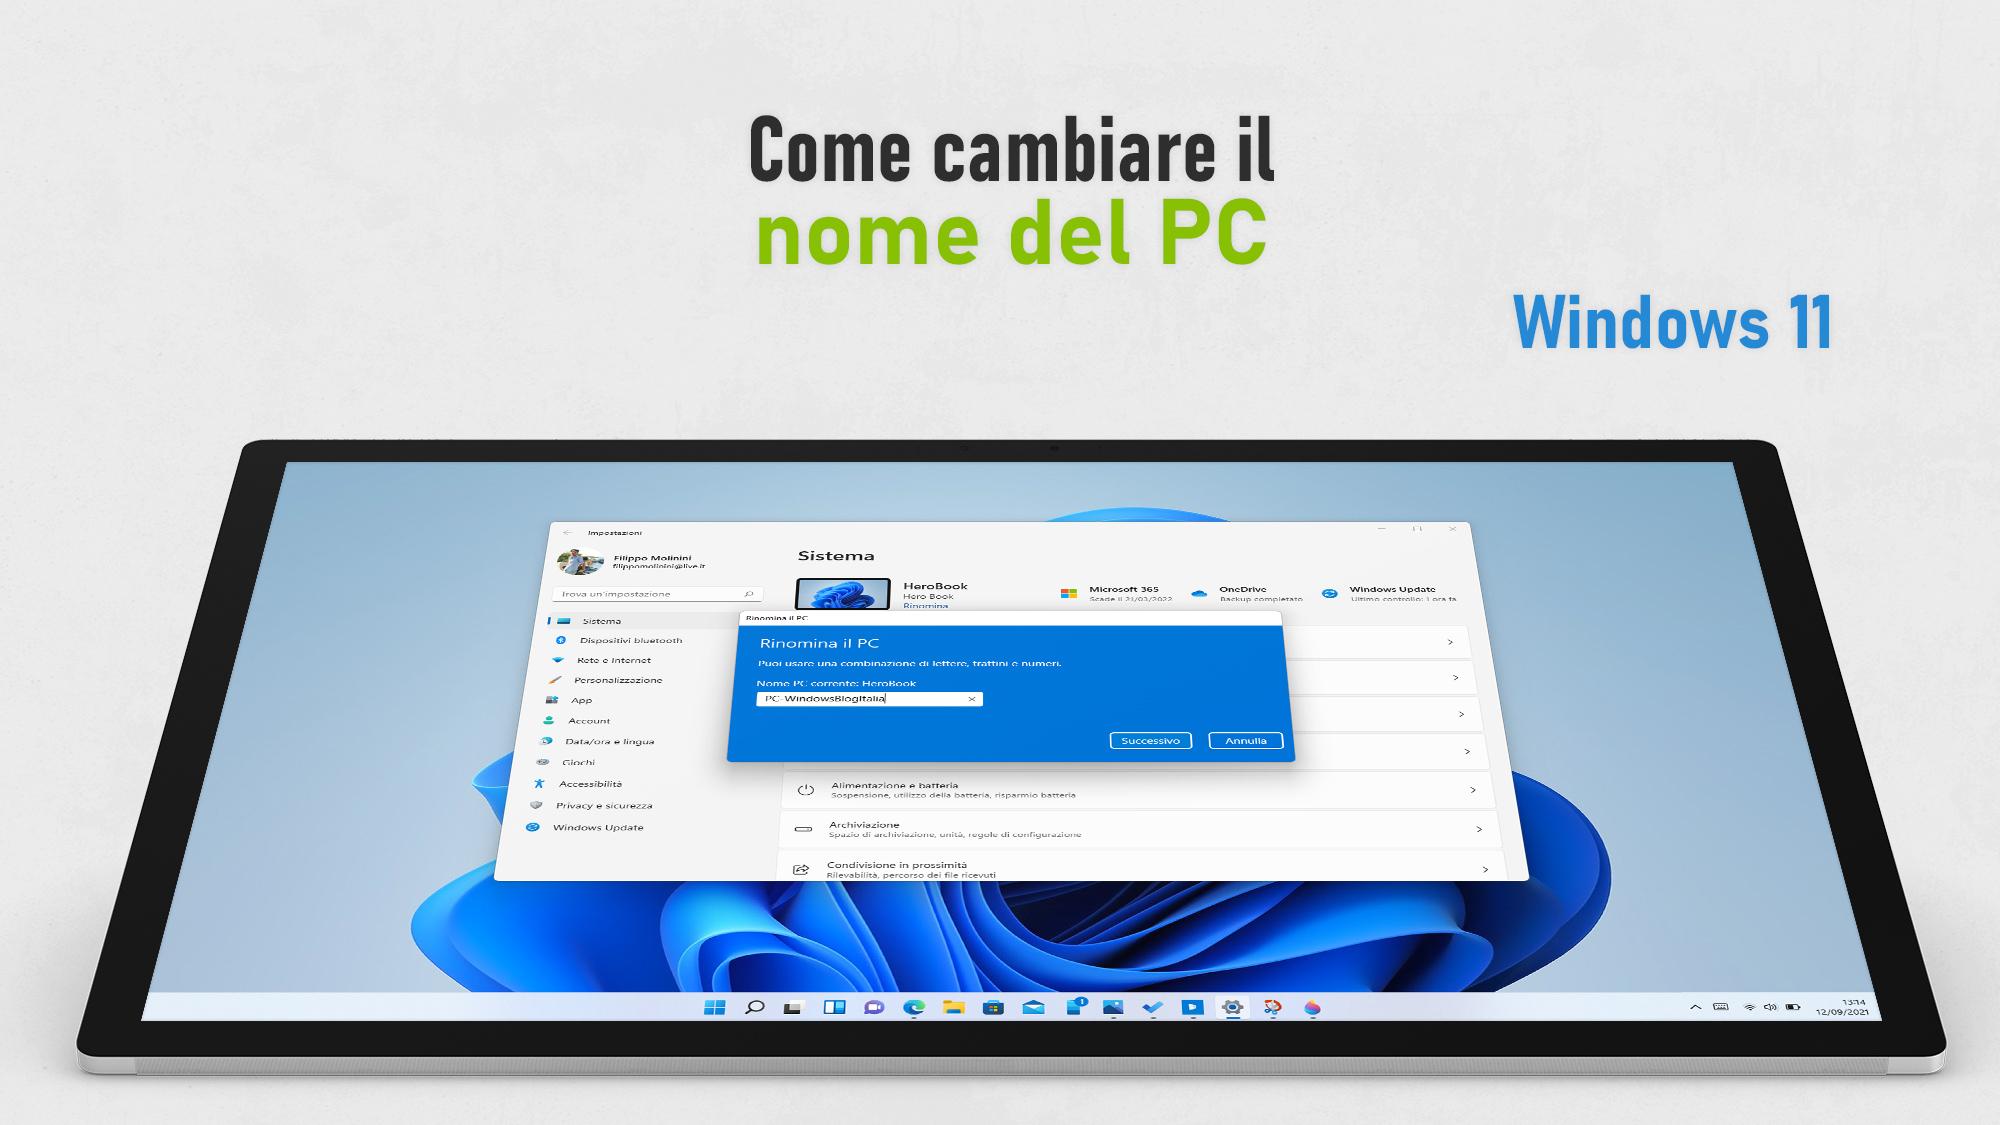 Windows 11 - Cambiare il nome del PC